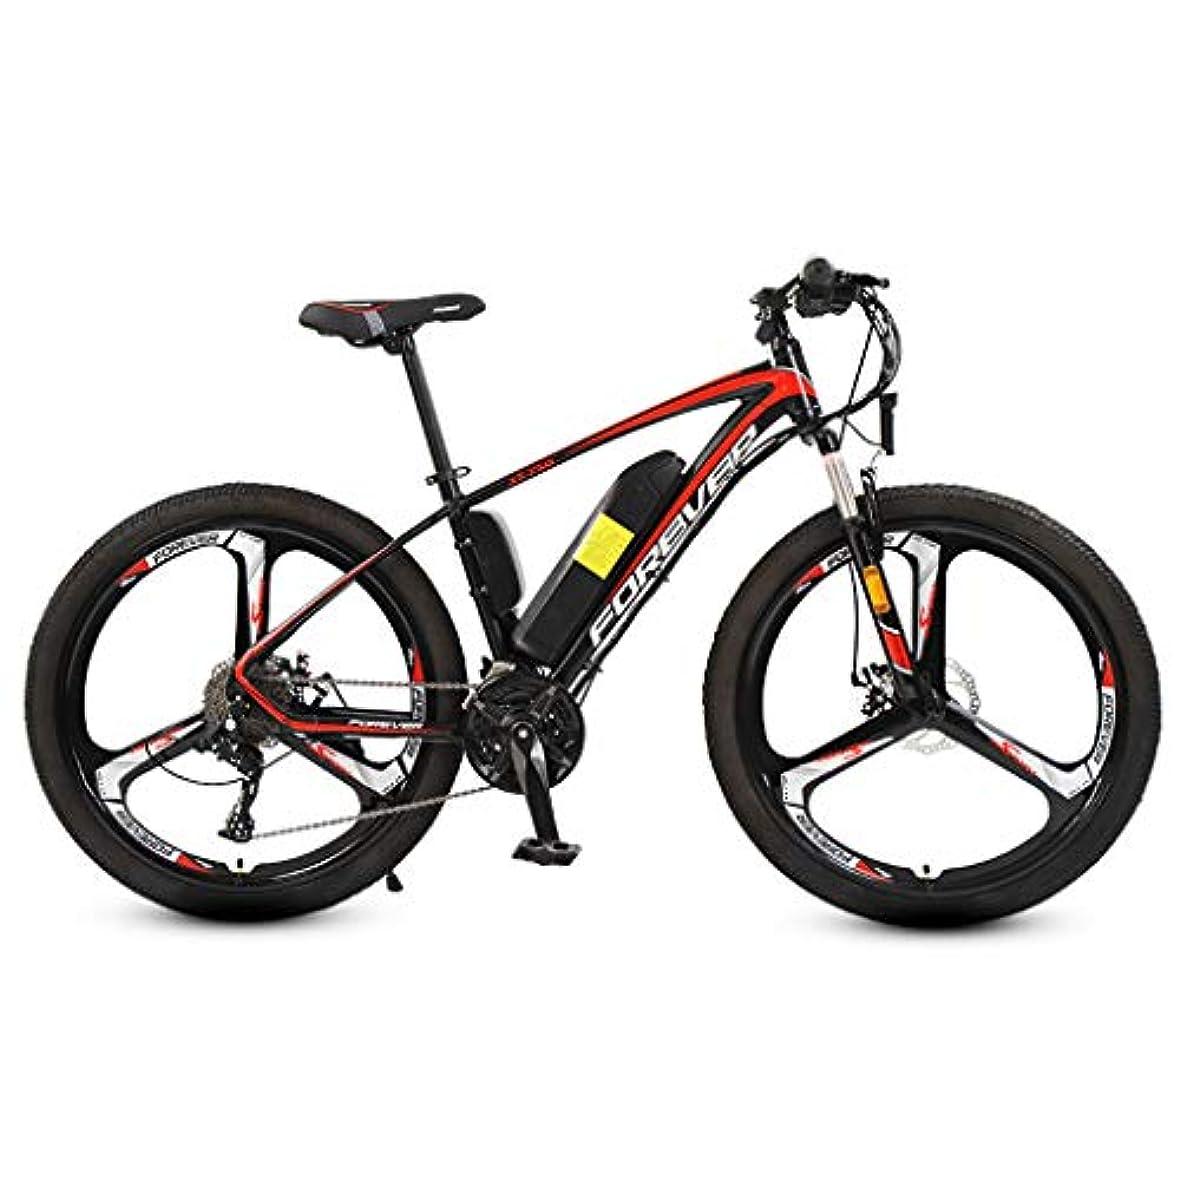 それら魔女ブロッサム26インチの大人のマウンテン電動自転車、36Vリチウム電池250W電動バイク、27スピードアルミ合金オフロード電動自転車,10AH